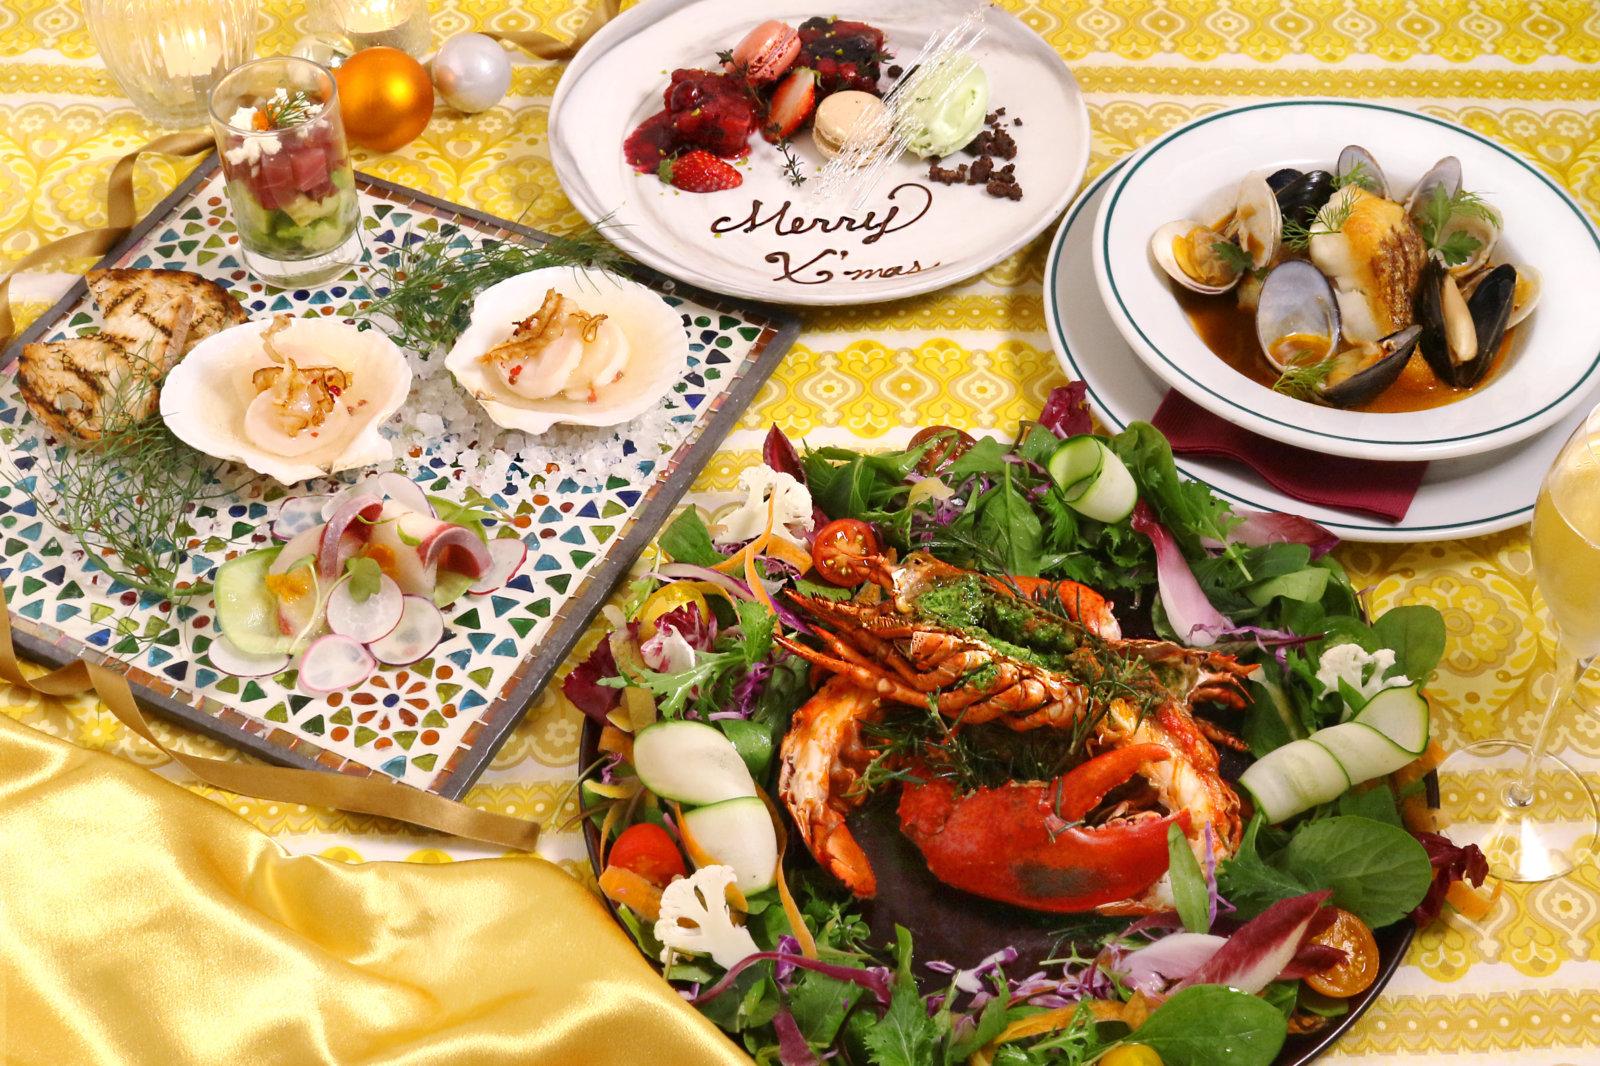 食べられるクリスマスリースがテーブルを彩る!恵比寿『シロノニワ』期間限定でX'masシェアコースを提供